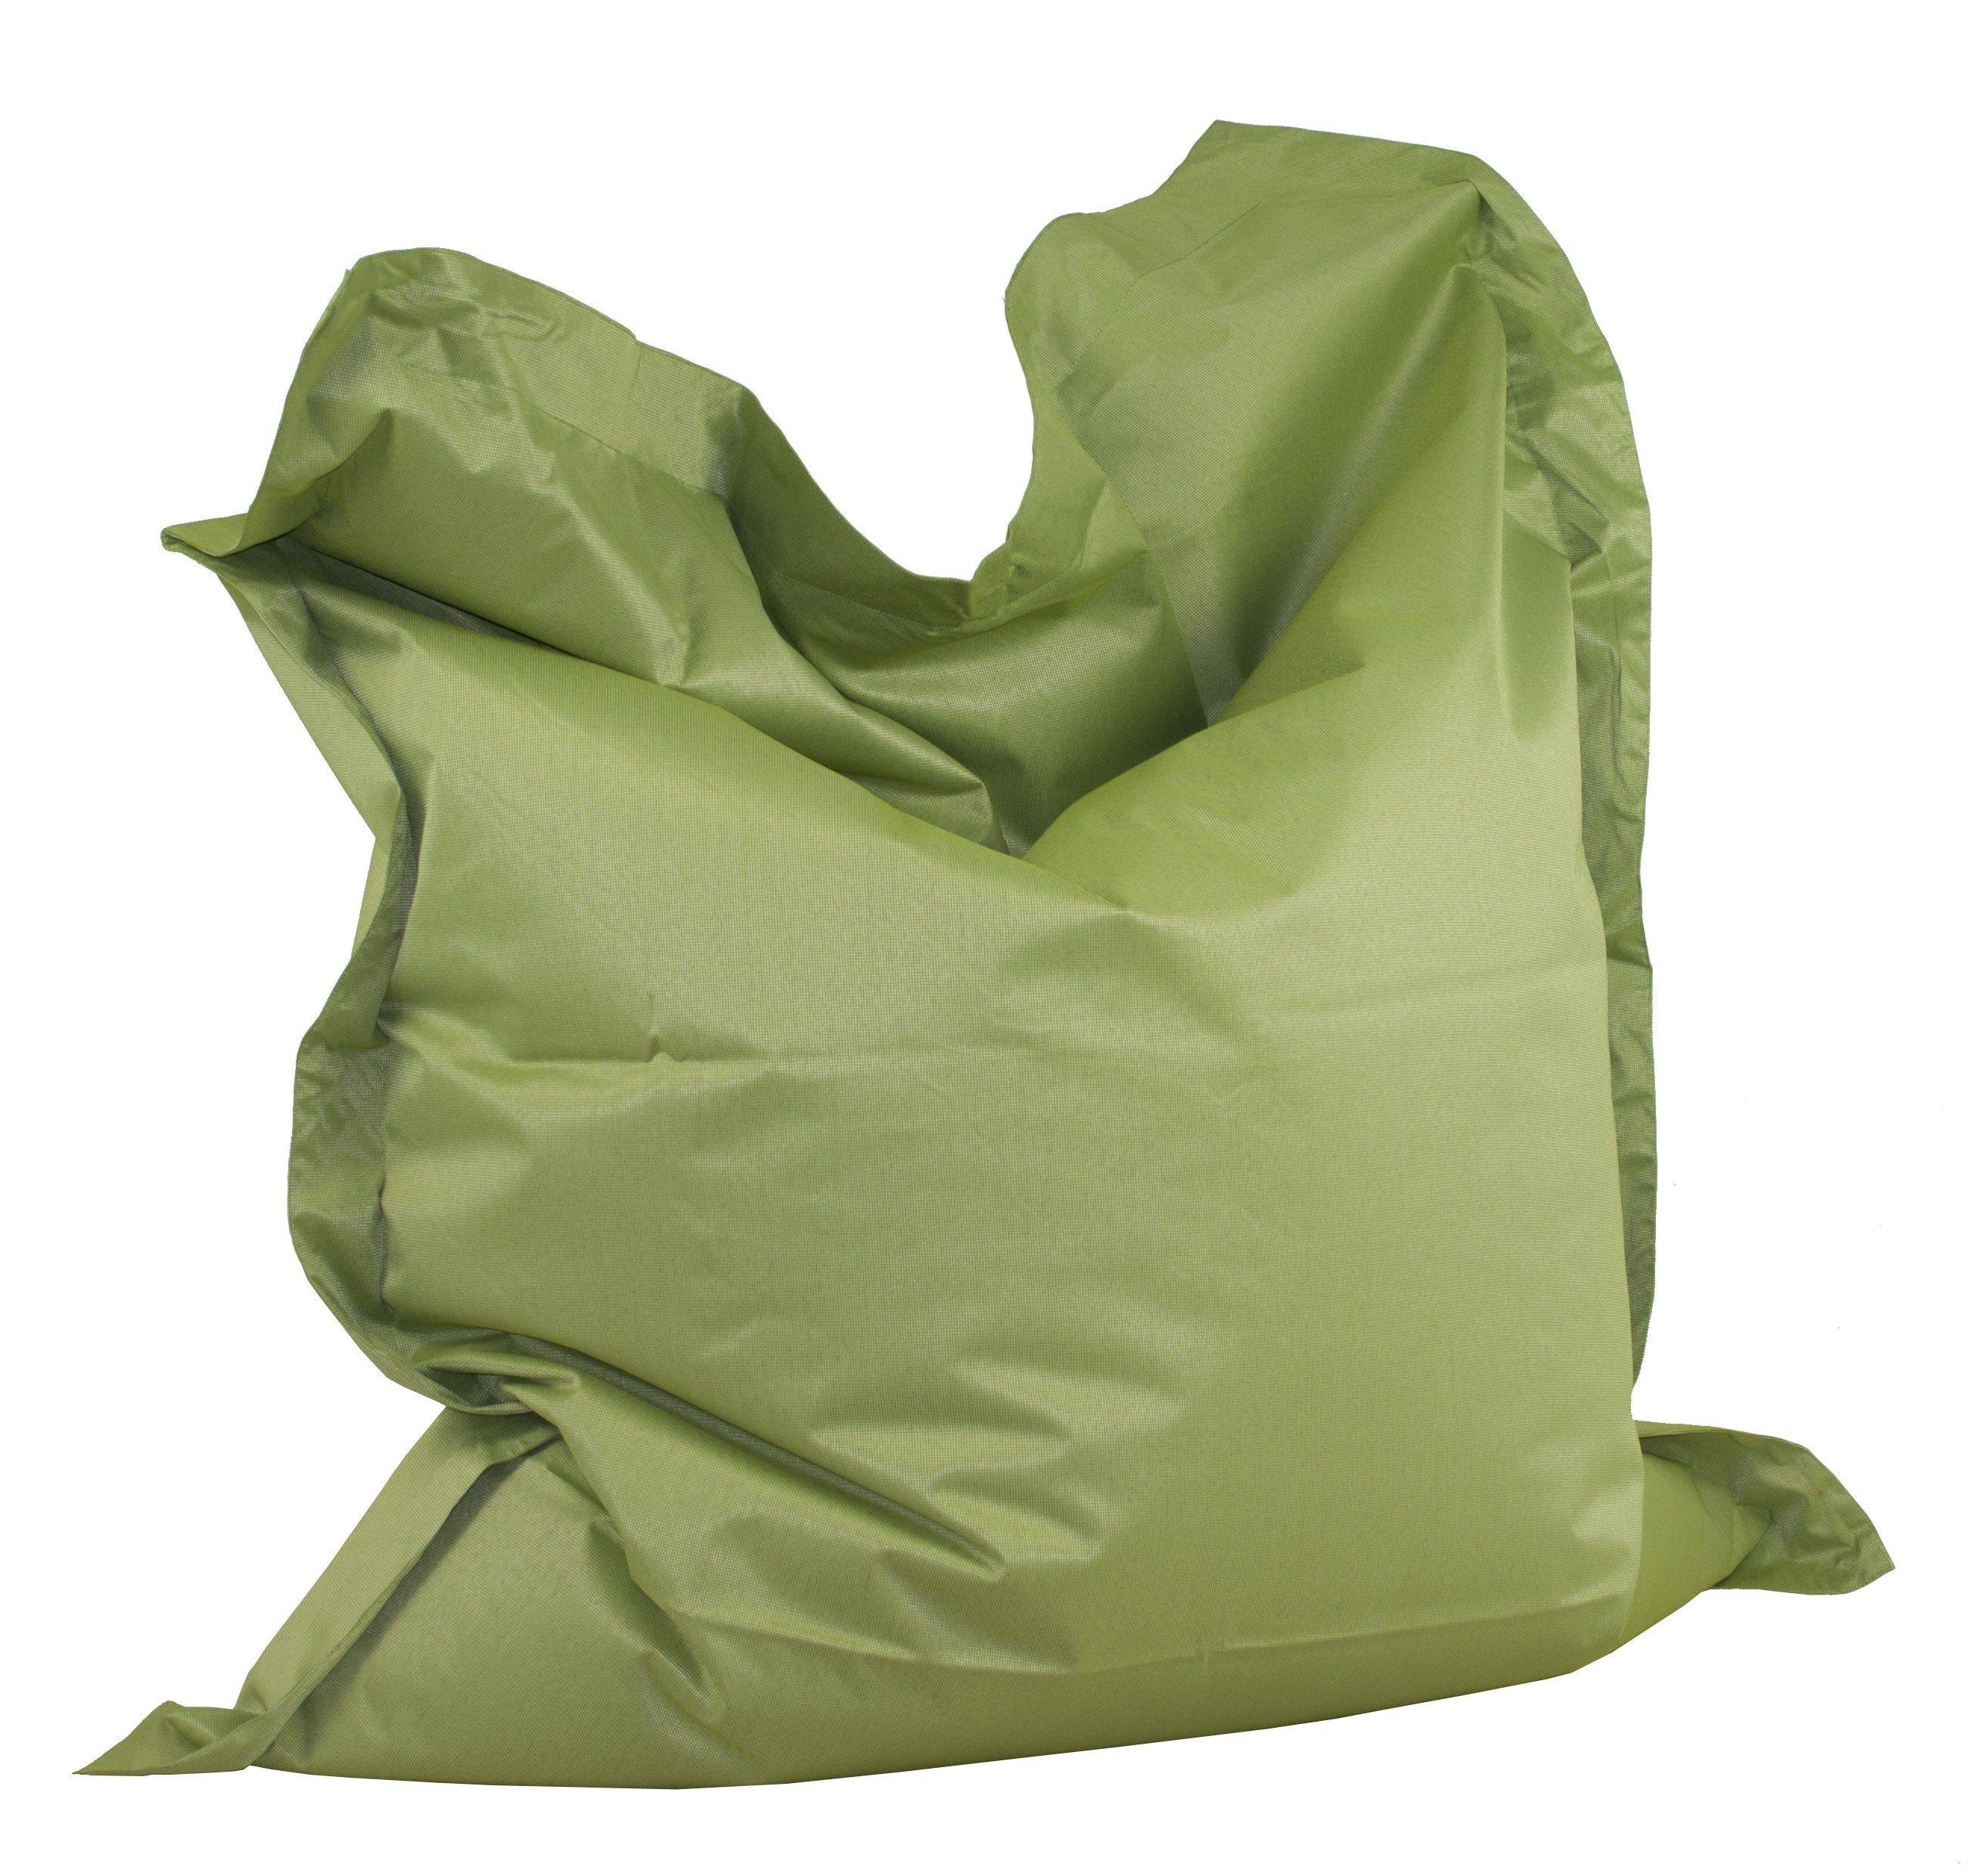 Kasper-Wohndesign Sitzsack Comfort verschiedene Farben »HOMELY« | Wohnzimmer > Sessel > Sitzsaecke | Kasper-Wohndesign